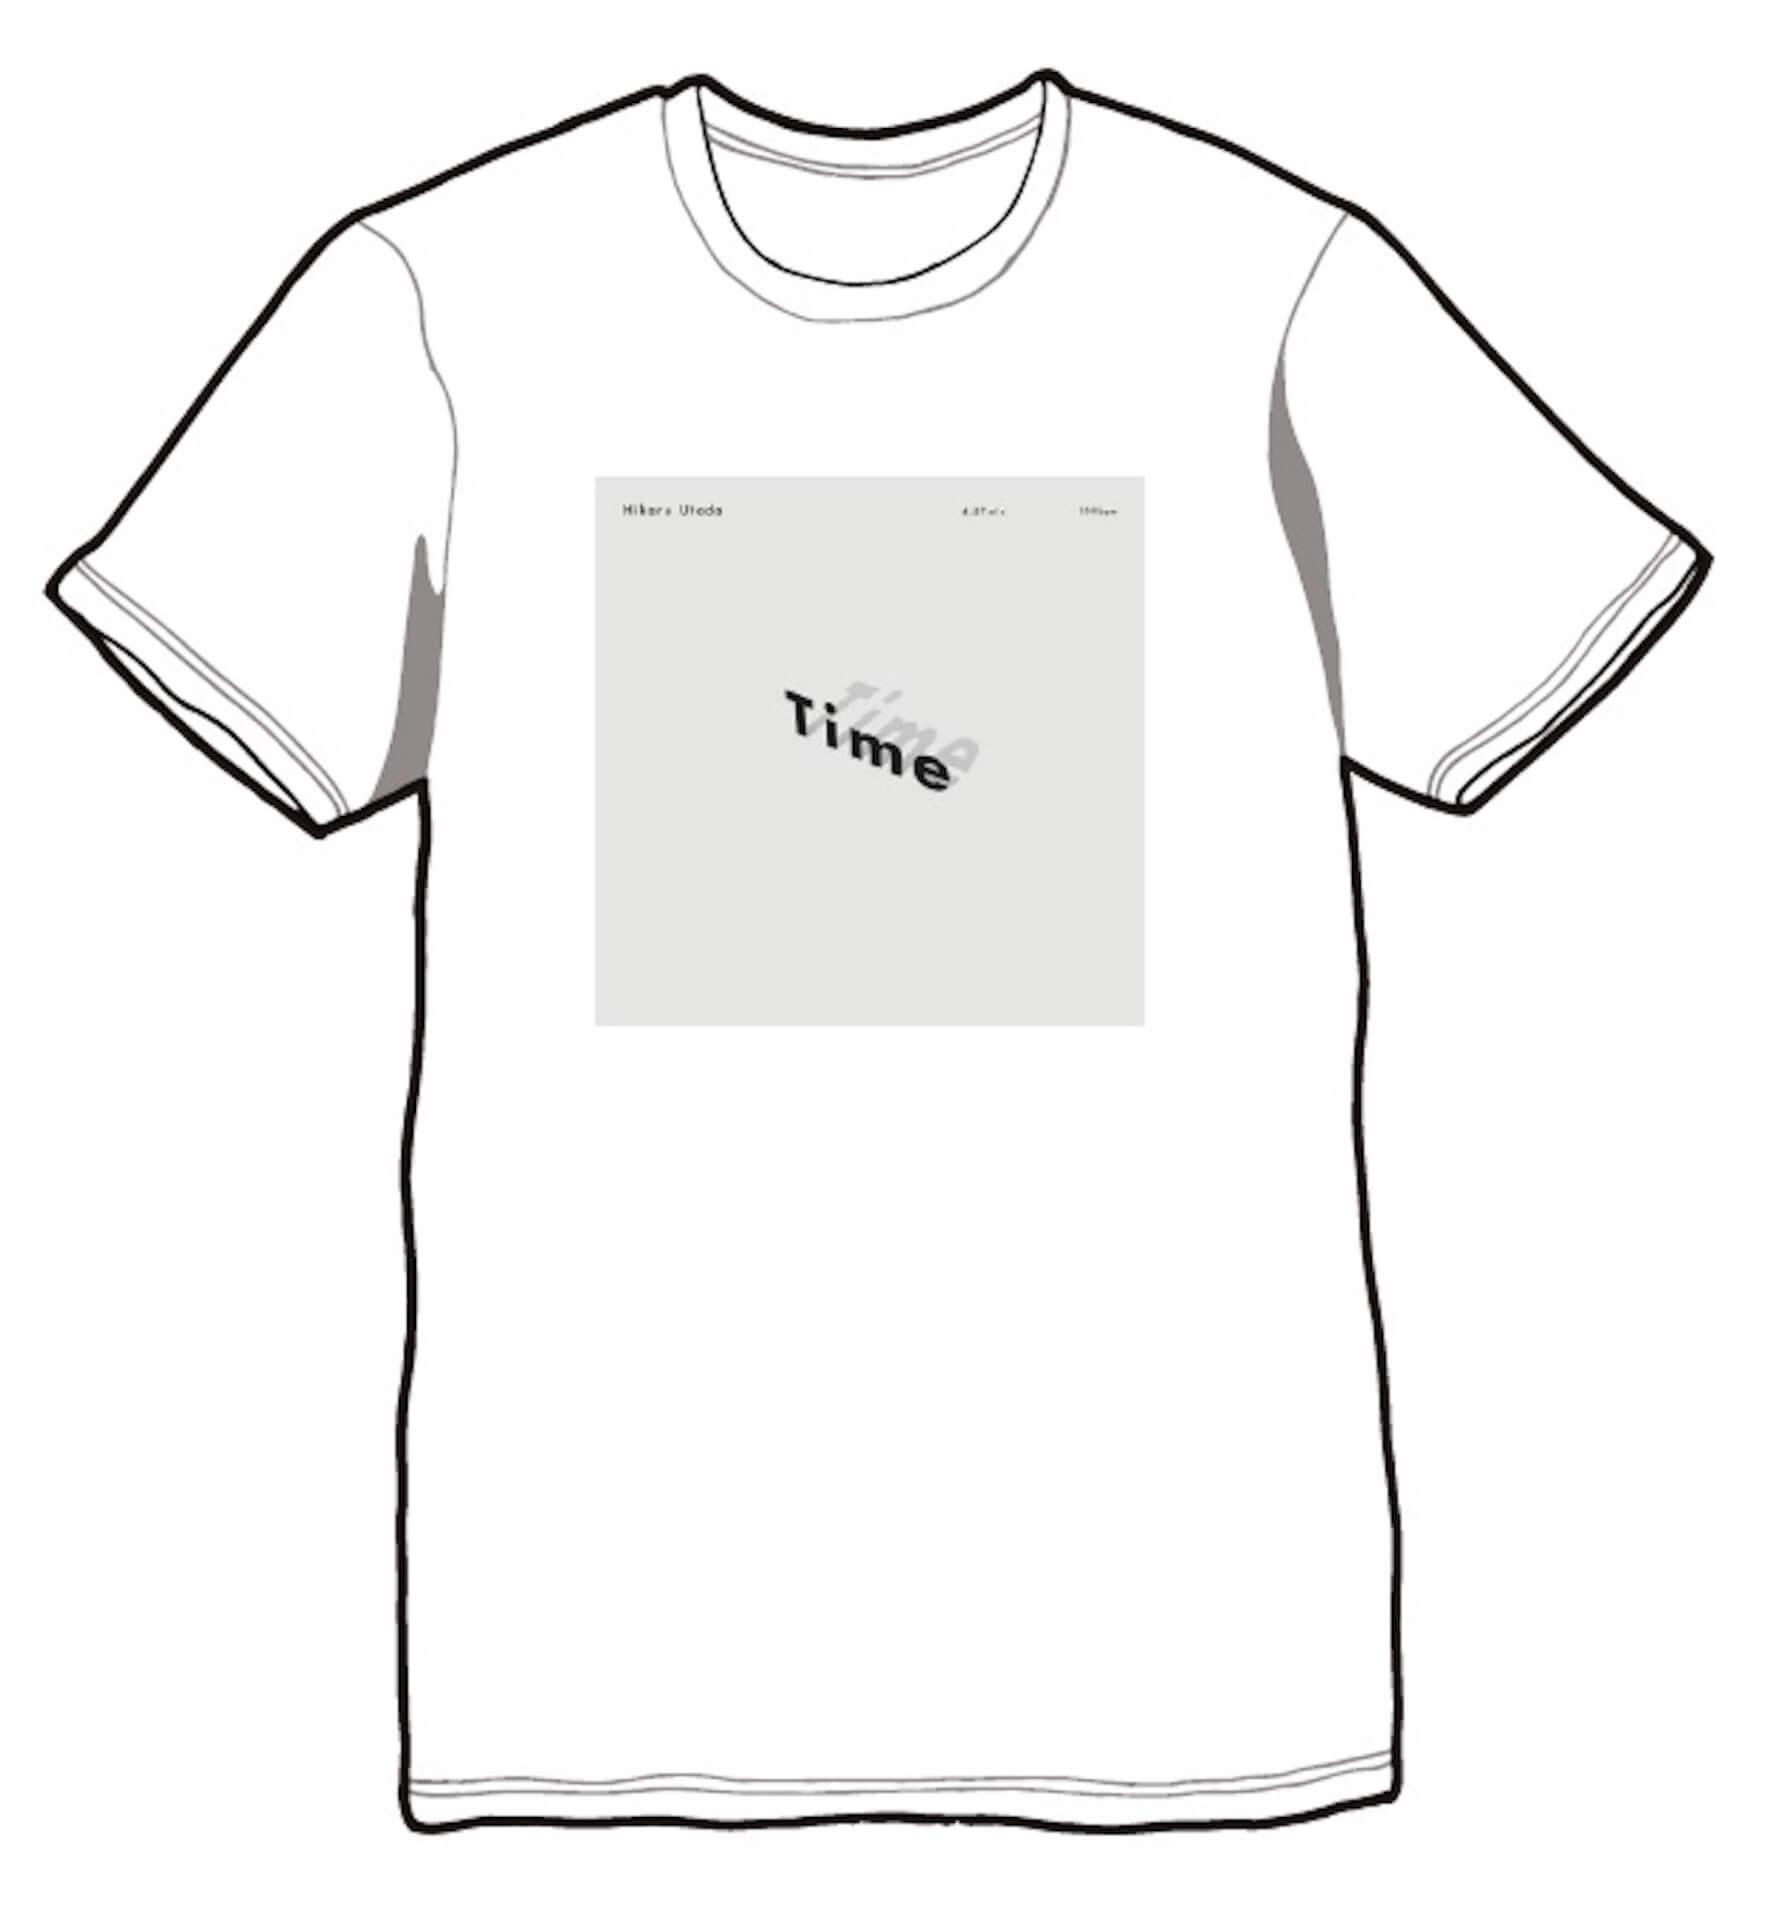 """宇多田ヒカル配信シングル""""Time""""の発売に先駆け、オリジナルTシャツが抽選で当たるキャンペーンがスタート! music200420_utadahikaru_03"""